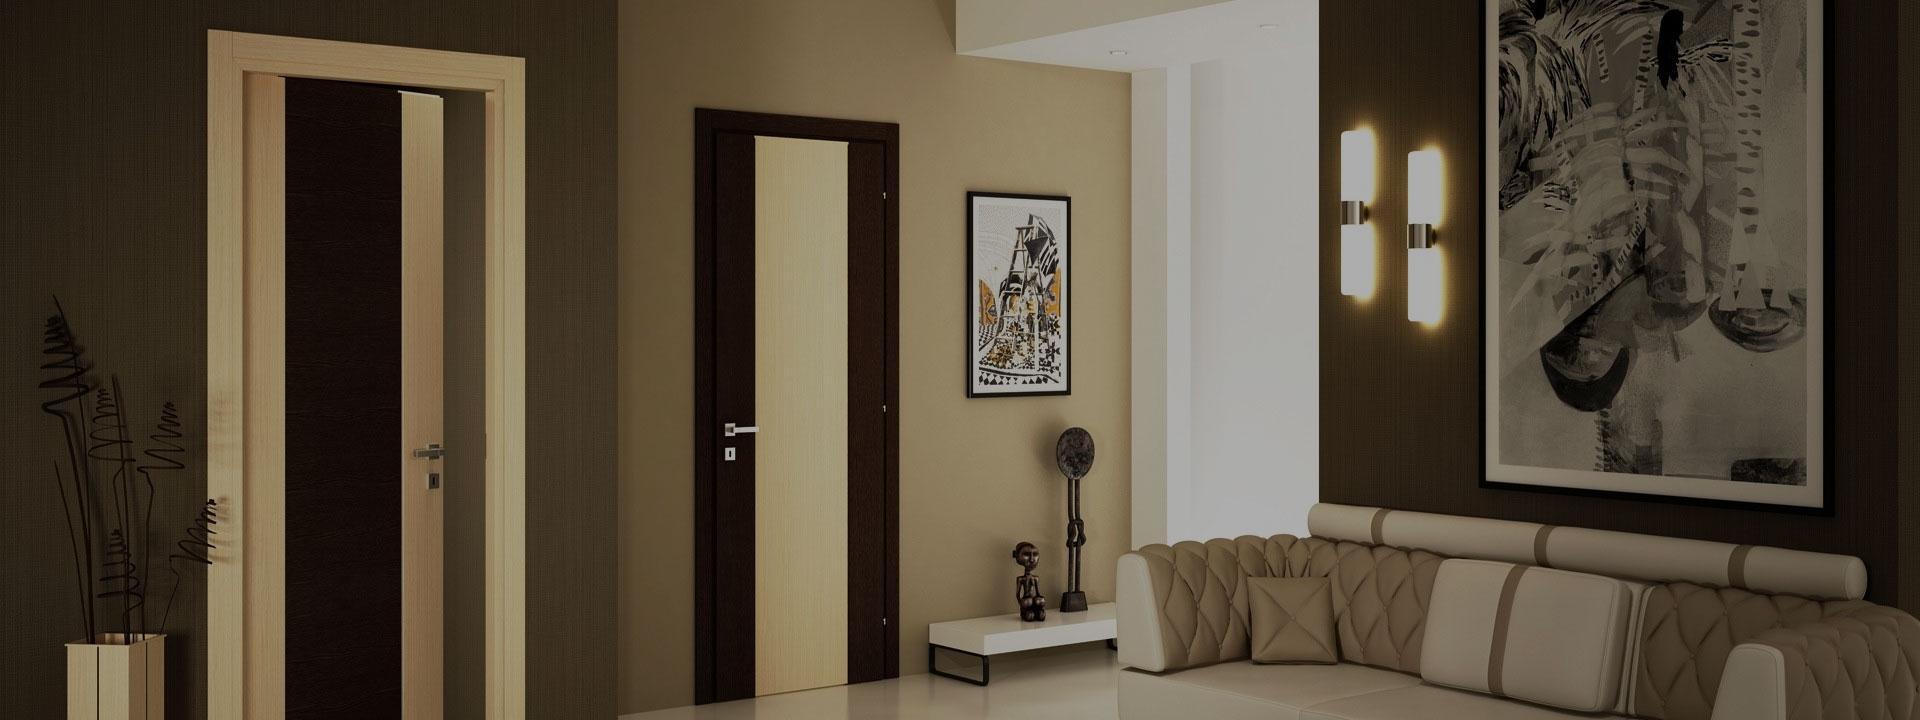 Низкие цены на межкомнатные двери